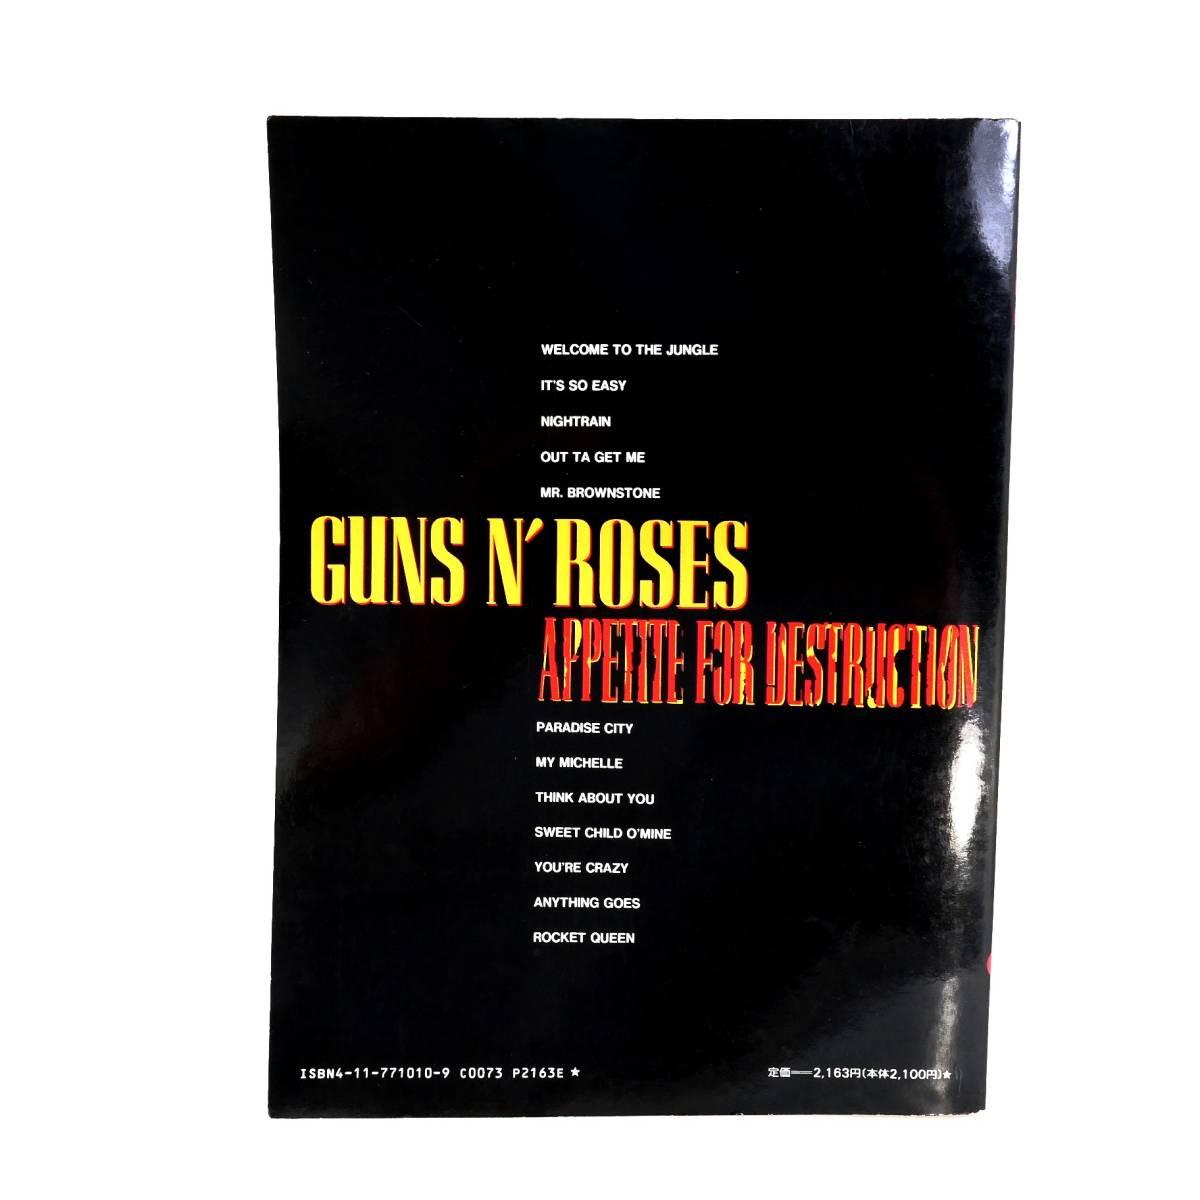 バンドスコア GUNS N' ROSES ガンズアンドローゼズ 2冊セット Appetite For Destruction アペタイトフォーディストラクション GN'R LIES_画像4